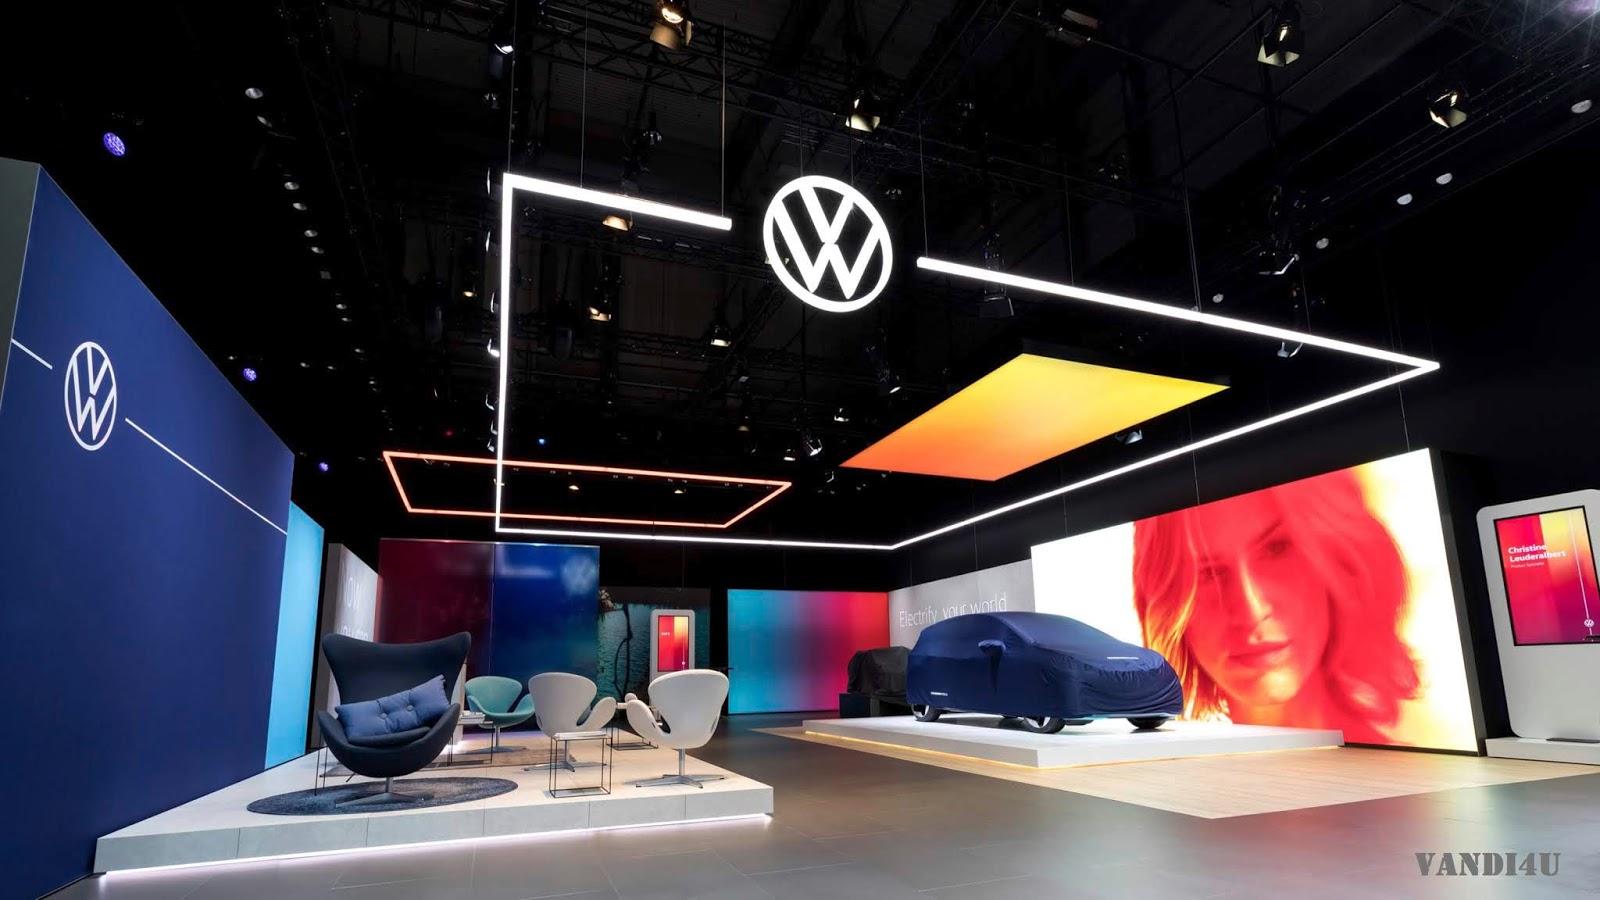 Volkswagen Unveils New Brand Logo And Design   VANDI4U